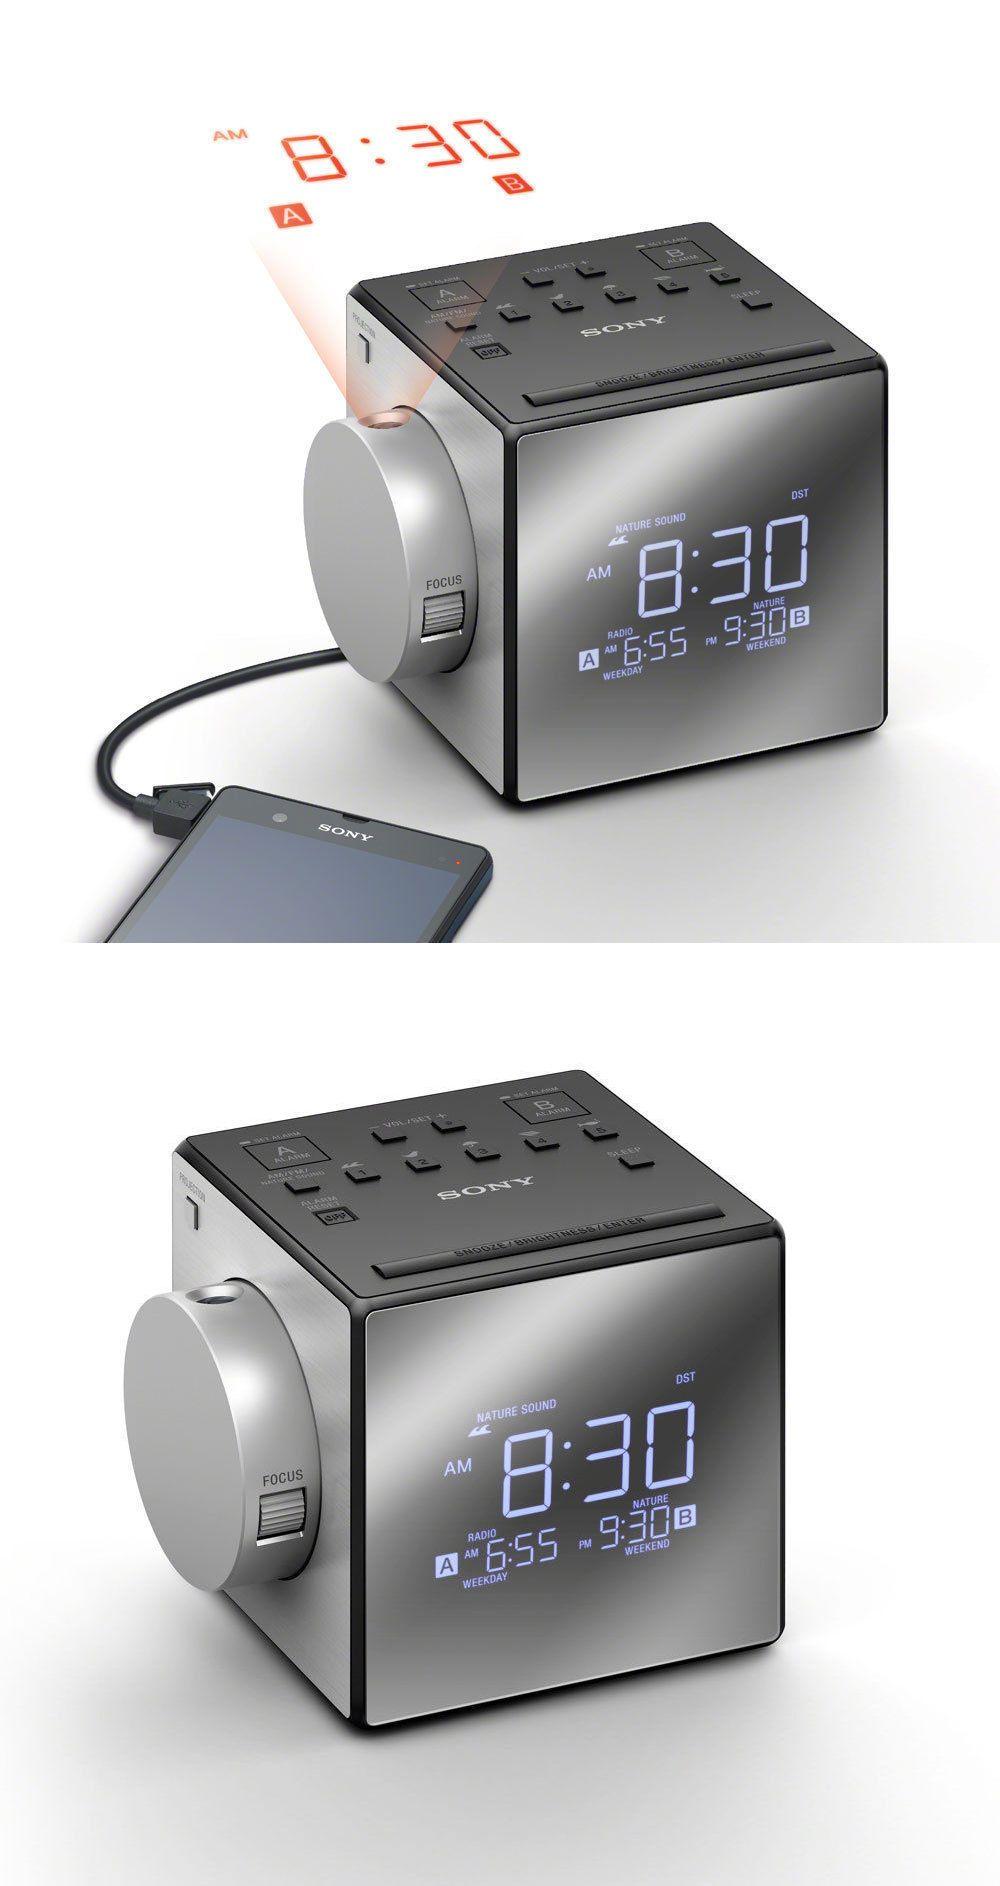 Ραδιόφωνο-ρολόι με προβολή ώρας Sony ICF-C1PJ Grey image